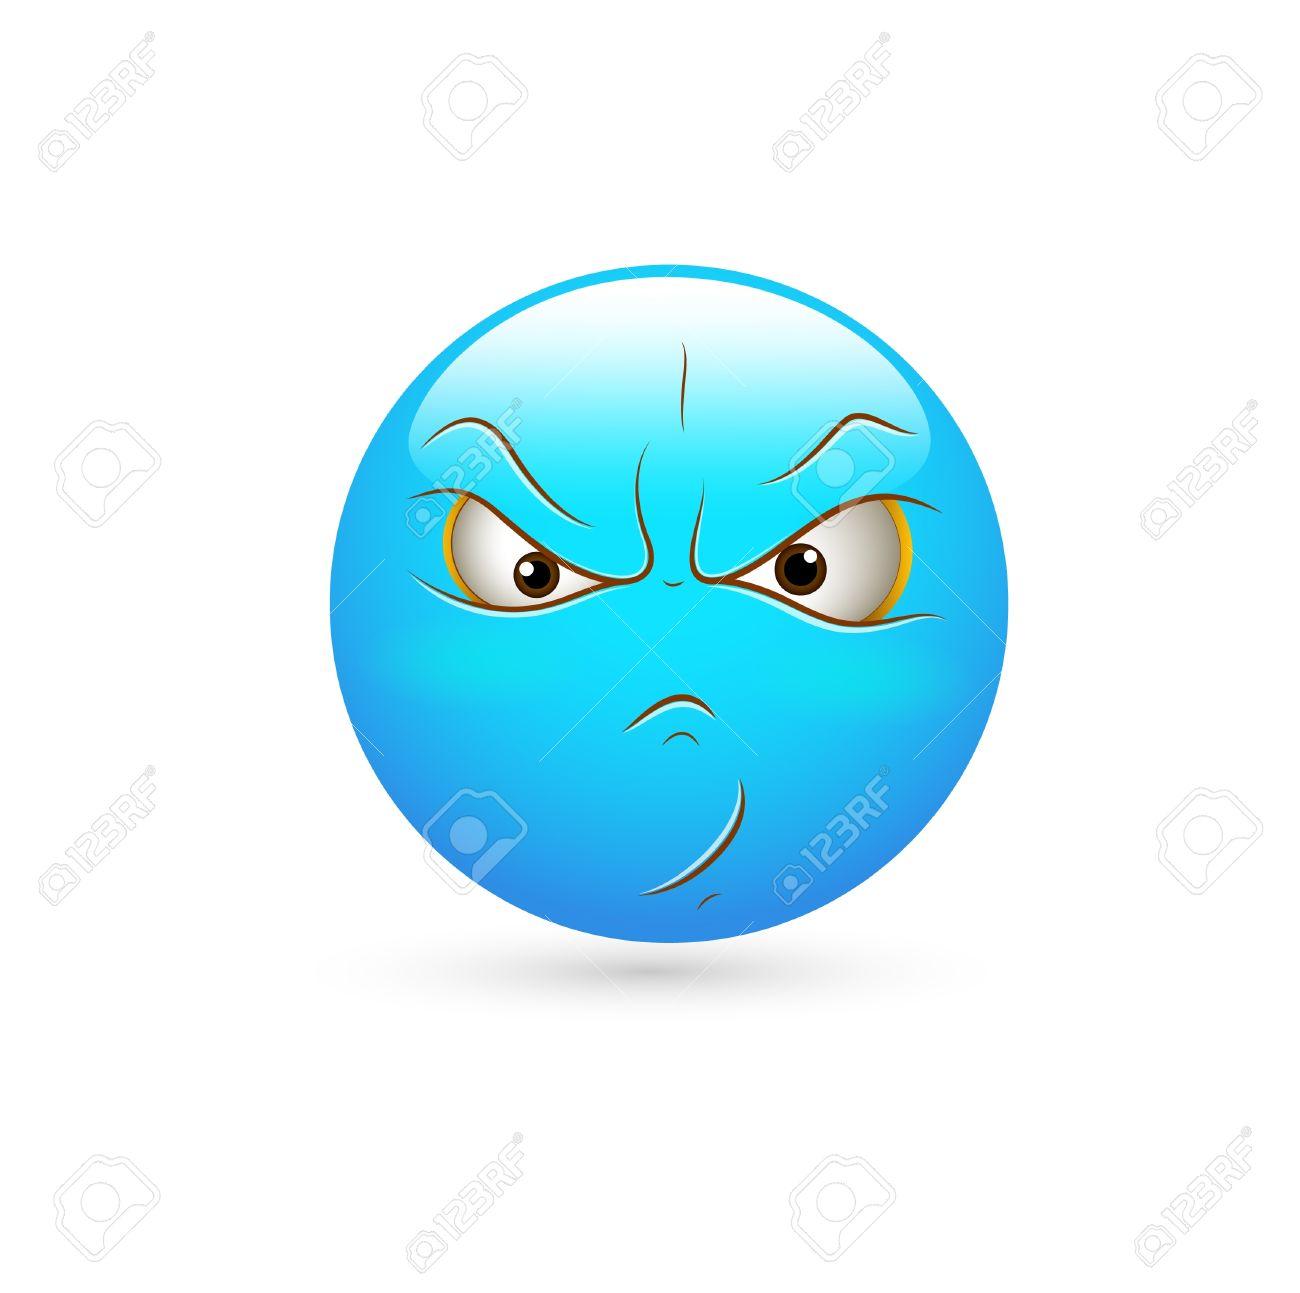 Smiley Emoticons Face Vector - Get Offense Stock Vector - 15808679